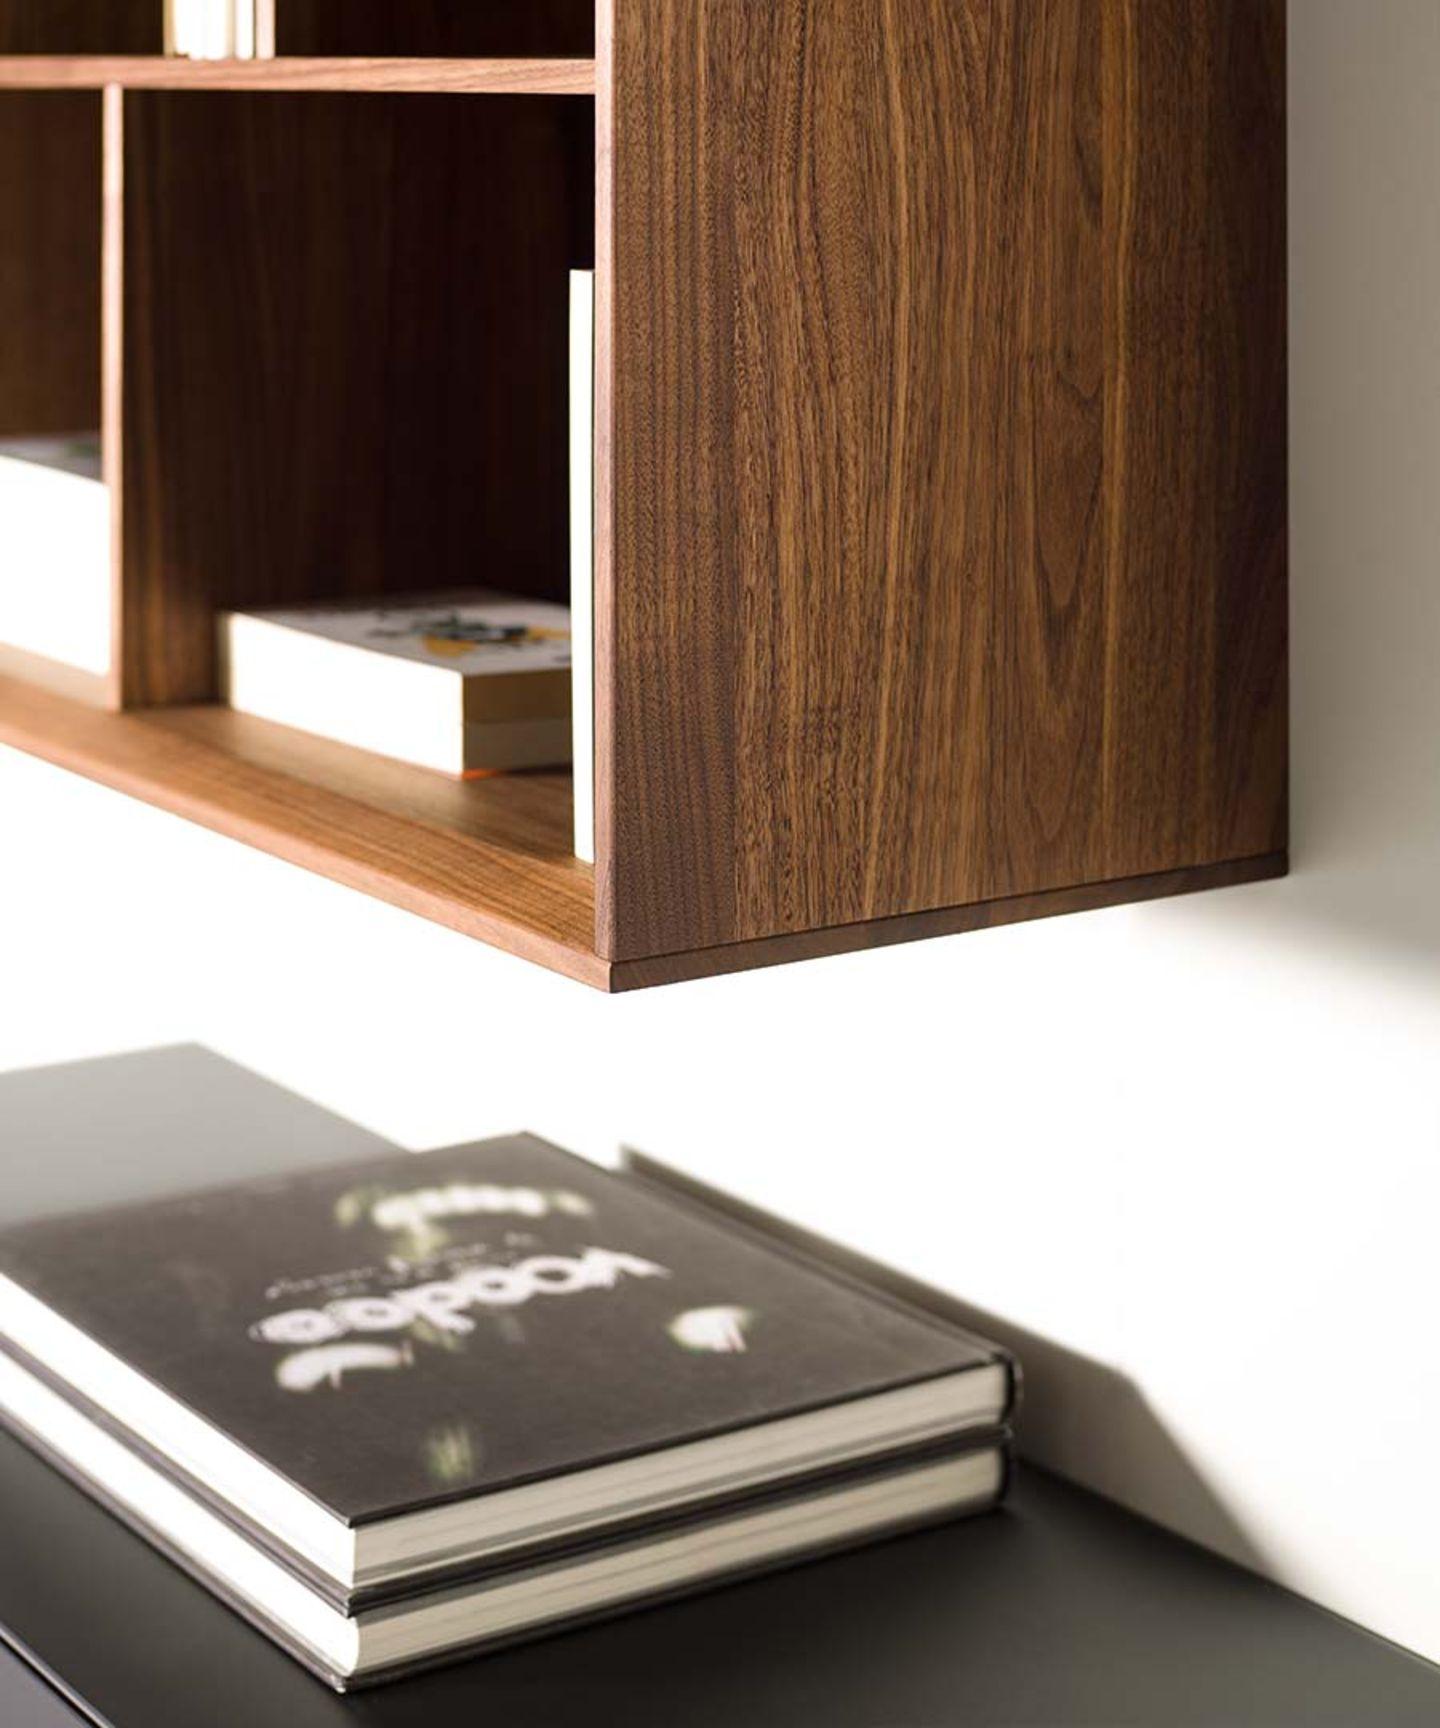 Wohnwand cubus pure aus Naturholz mit handwerklichen Details